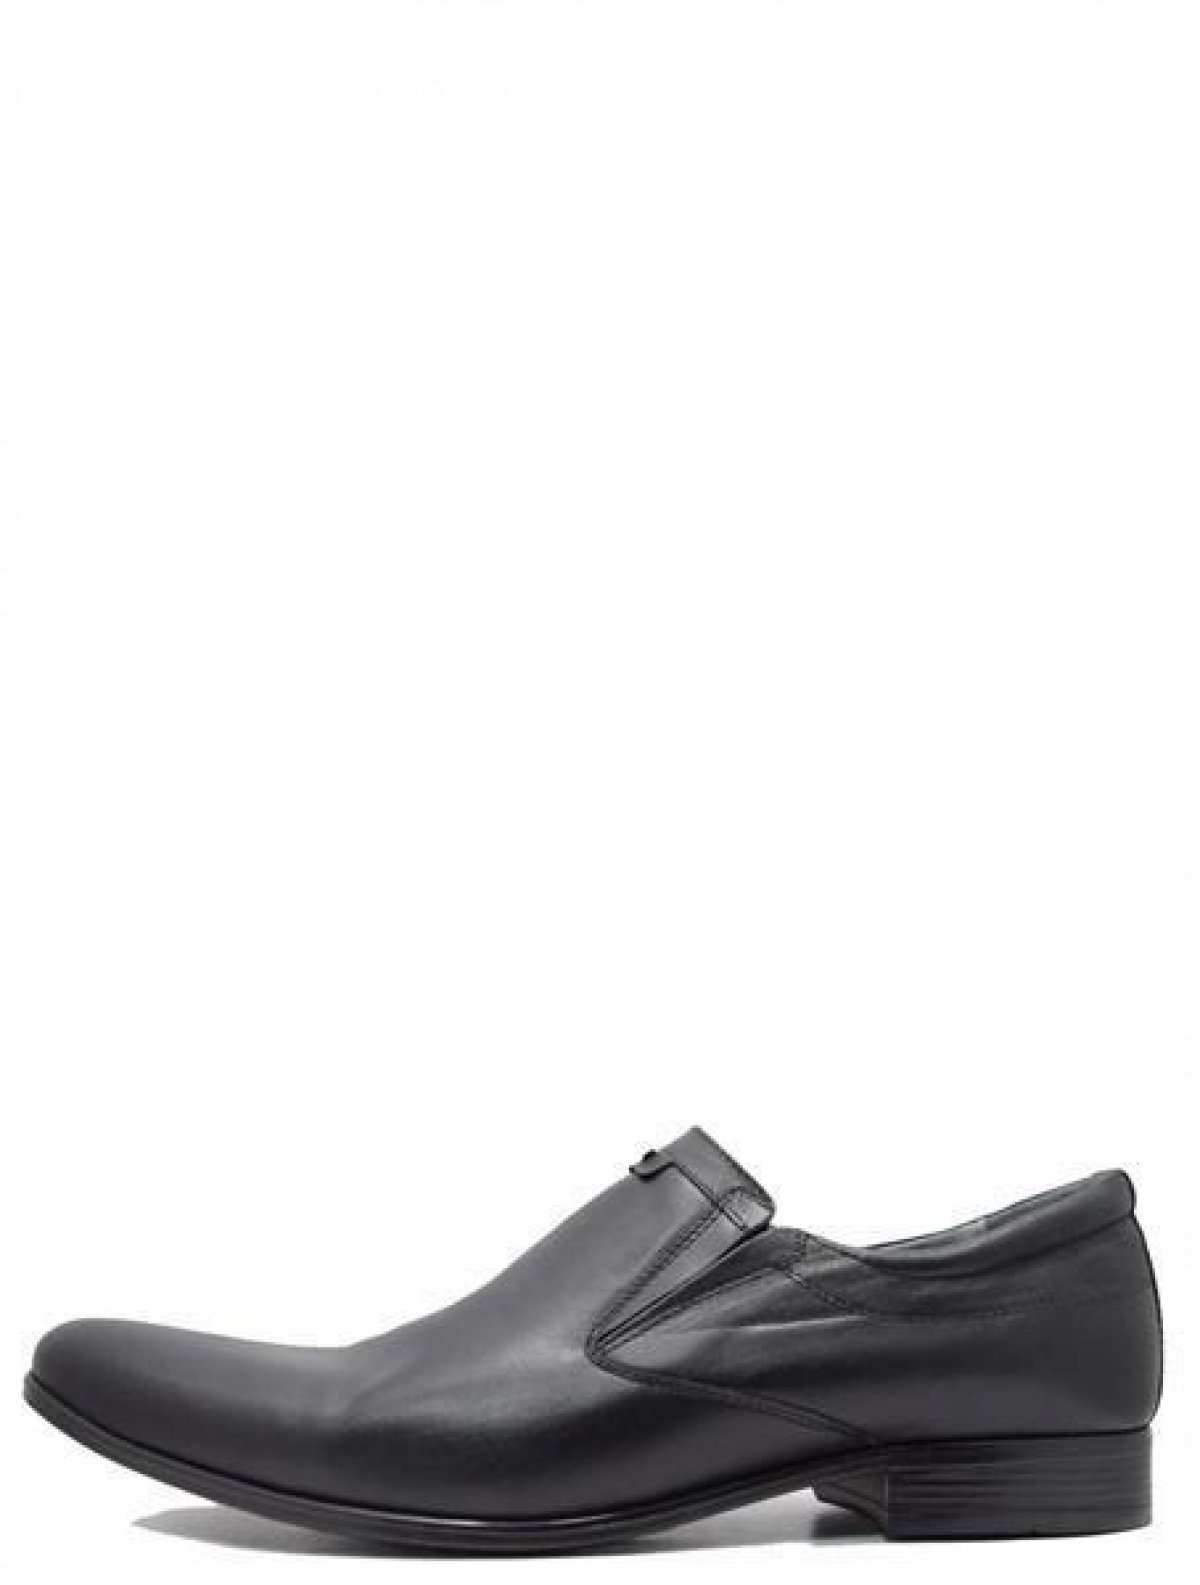 LEMAR 1262 мужские туфли